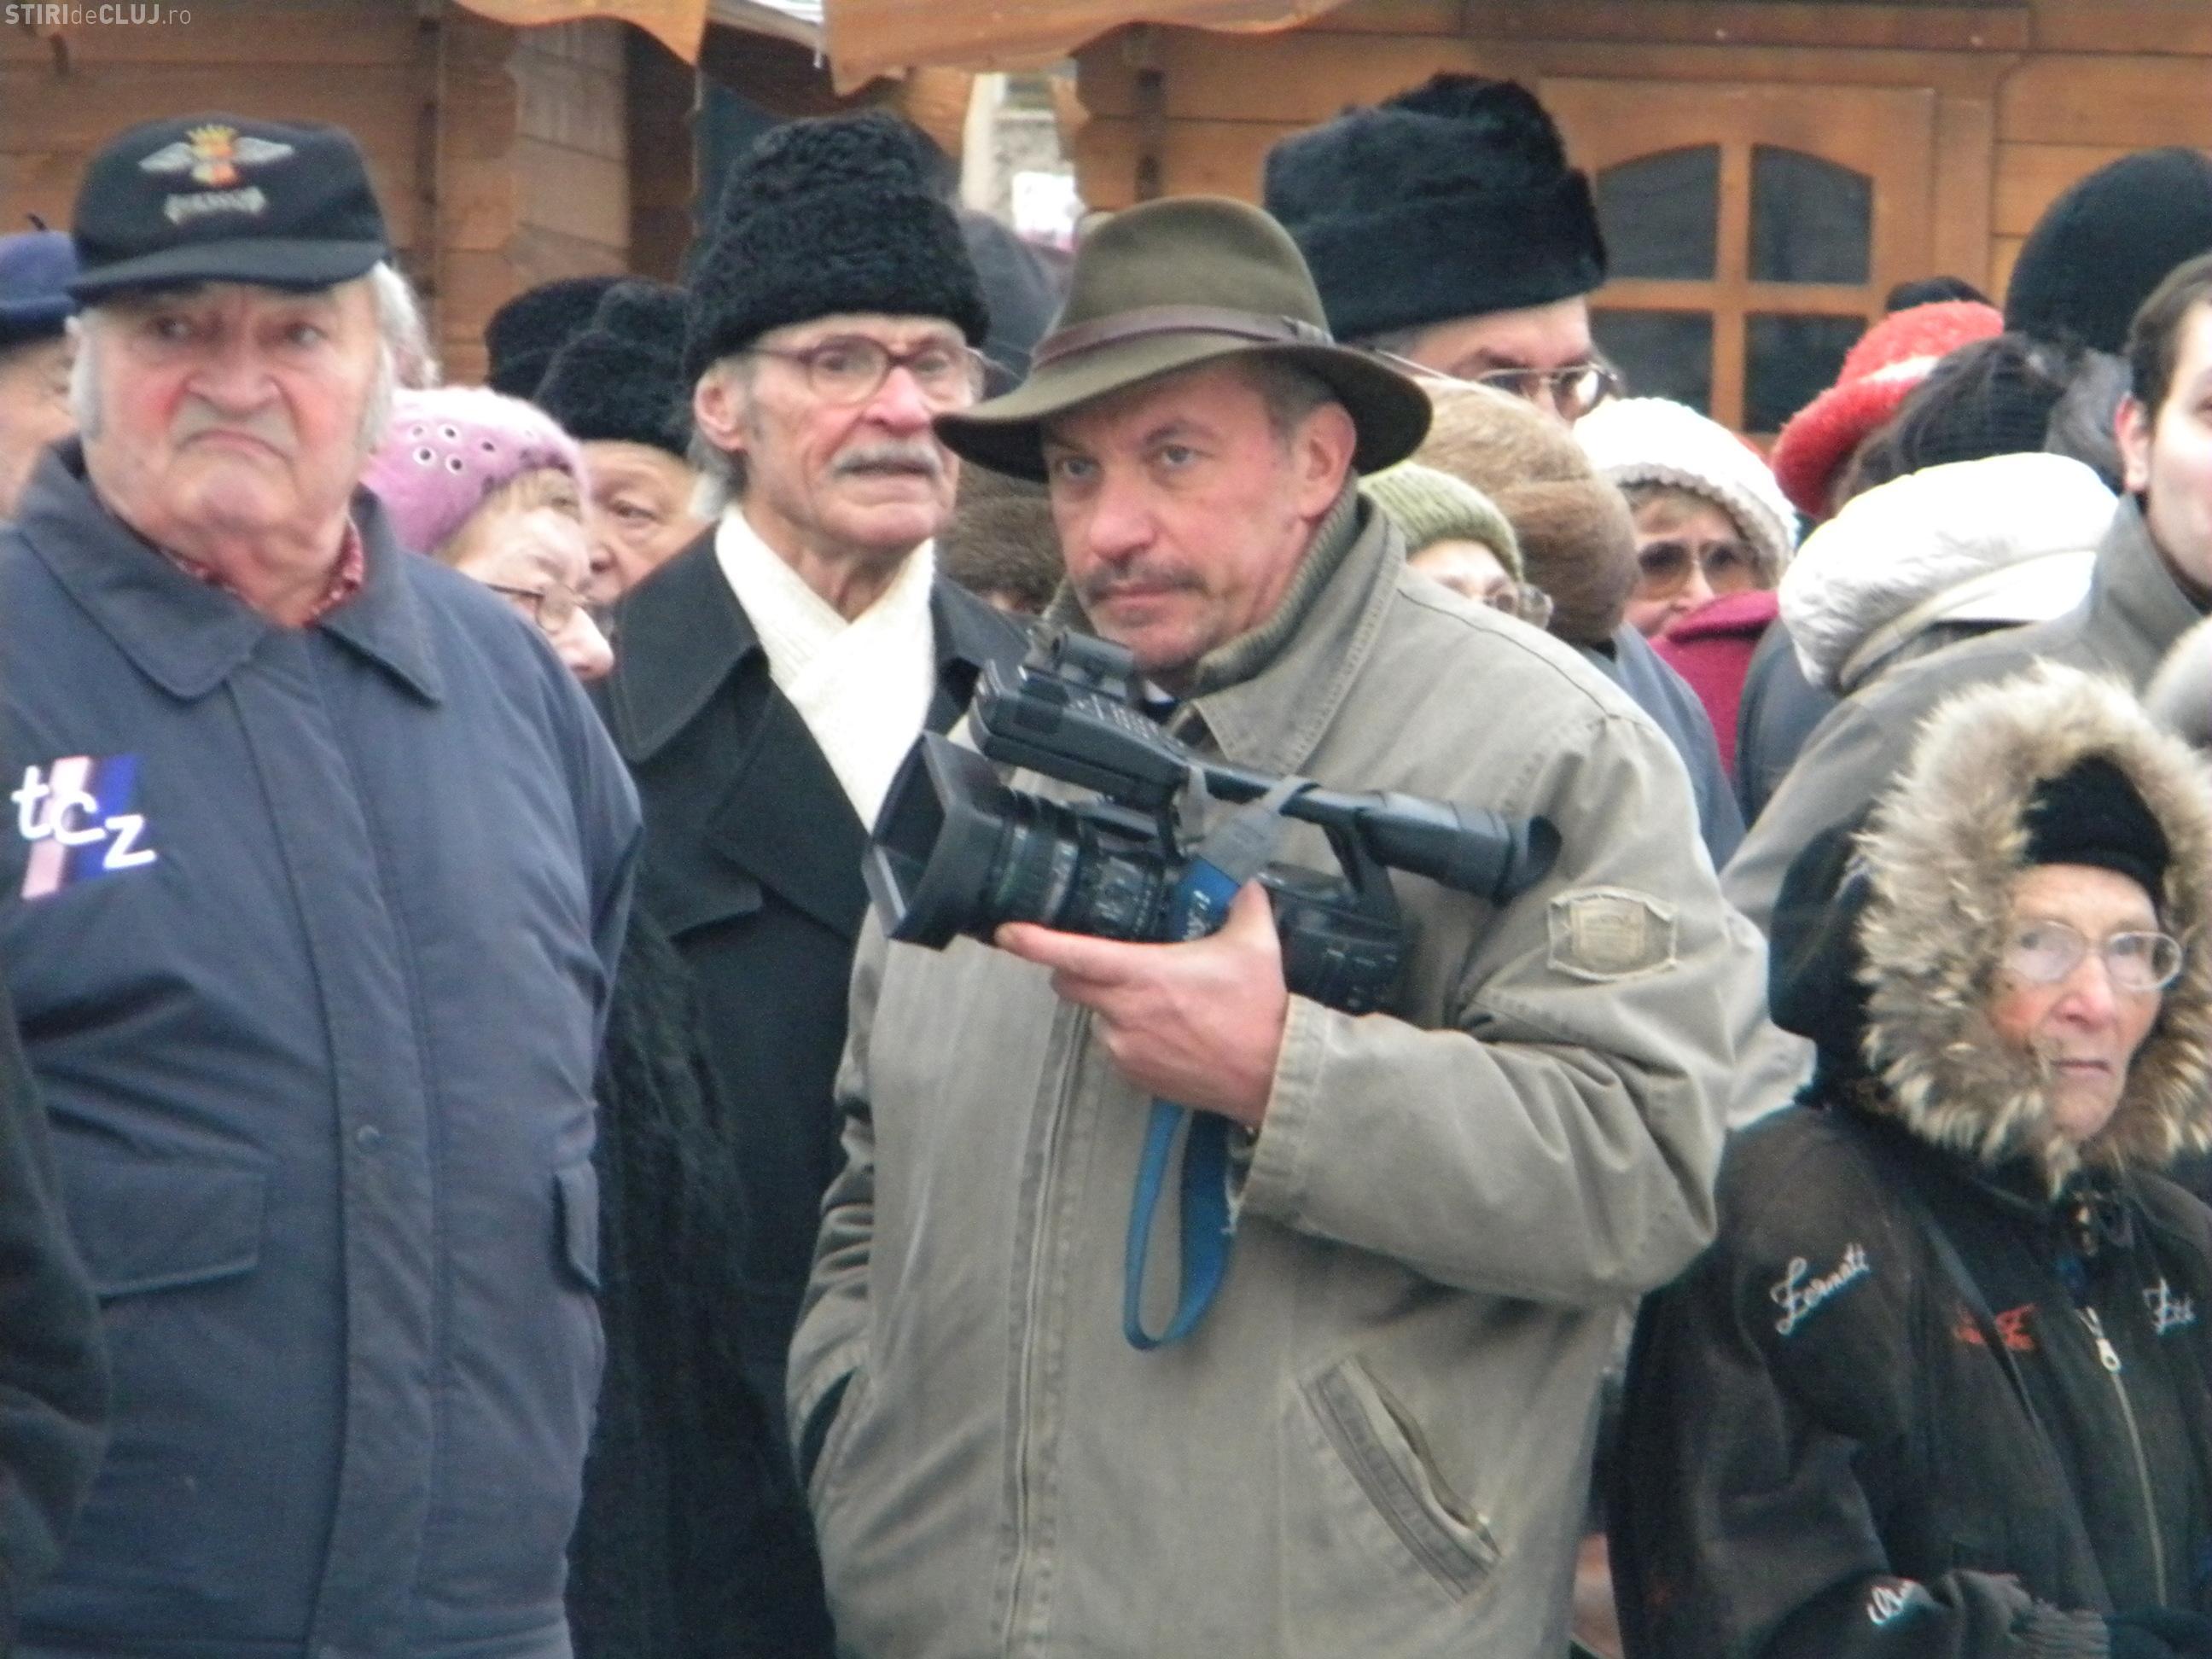 Fost colaborator al Securitatii, premiat la Balul Operei Cluj! Xantus Gabor lucreaza la TVR si este acuzat ca si-a turnat un coleg de presa